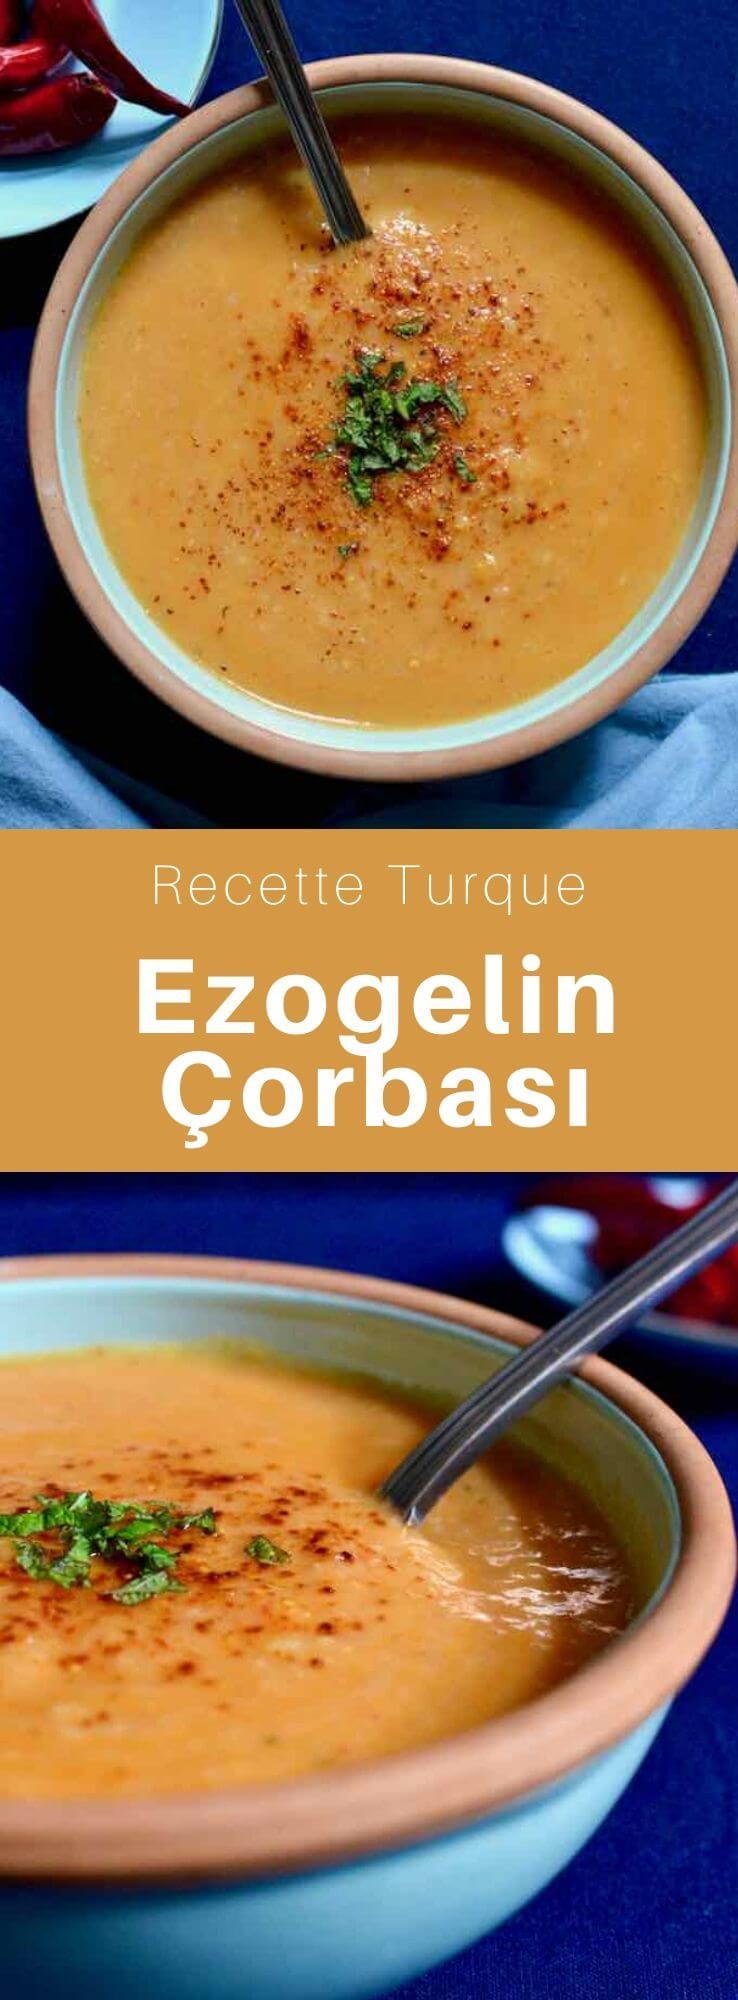 L'ezogelin çorbasi est unique à la cuisine turque. C'est une soupe à base de tomates, de boulghour et de lentilles corail. #Turquie #RecetteTurque #CuisineTurque #CuisineDuMonde #196flavors